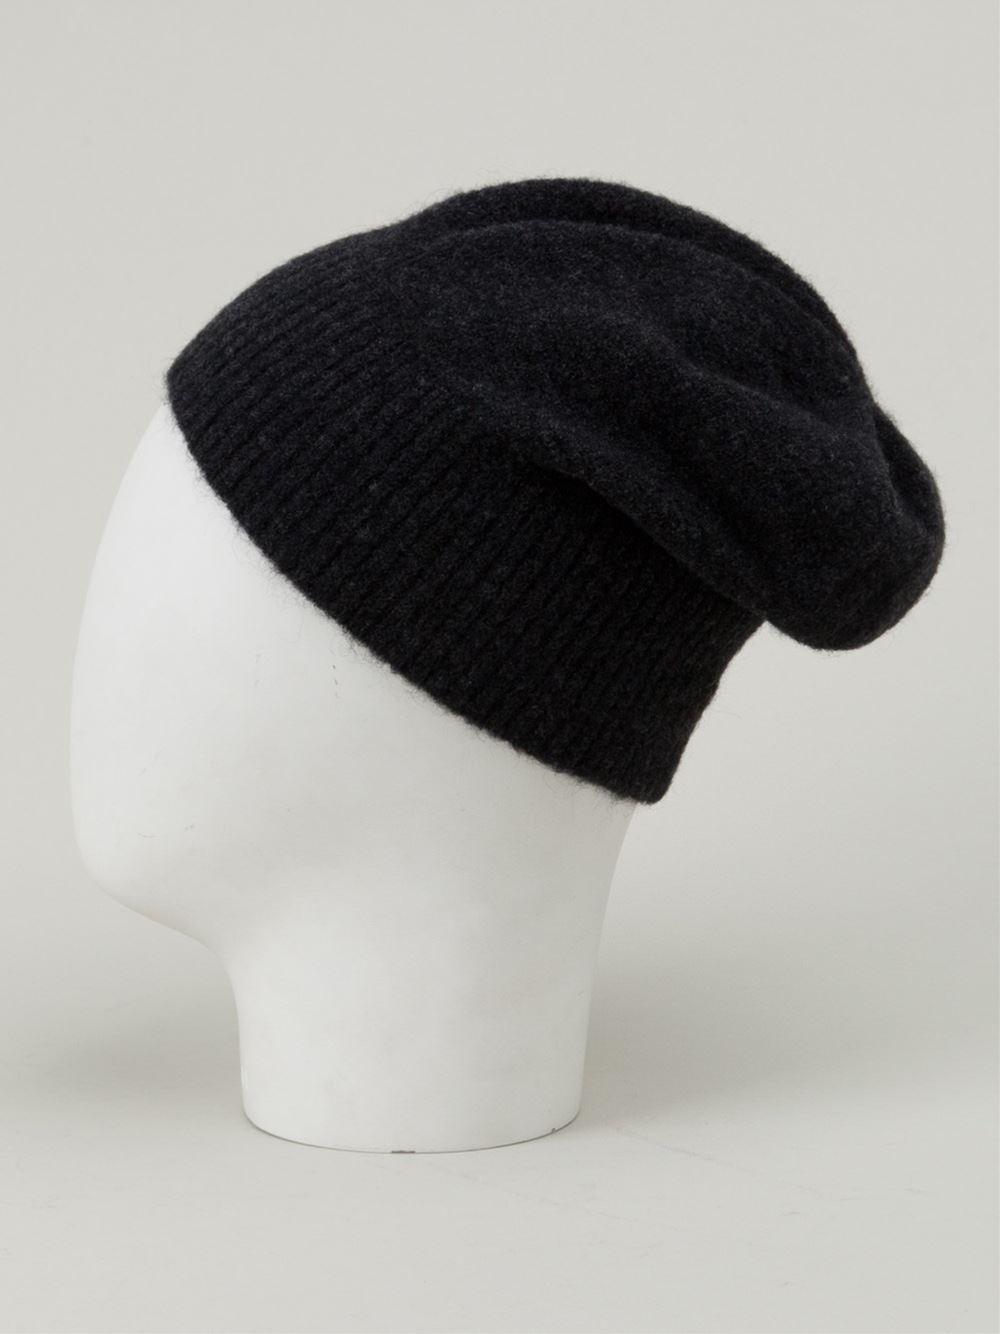 Lyst - Balenciaga Beanie Hat in Black for Men d4ddc5c67f9